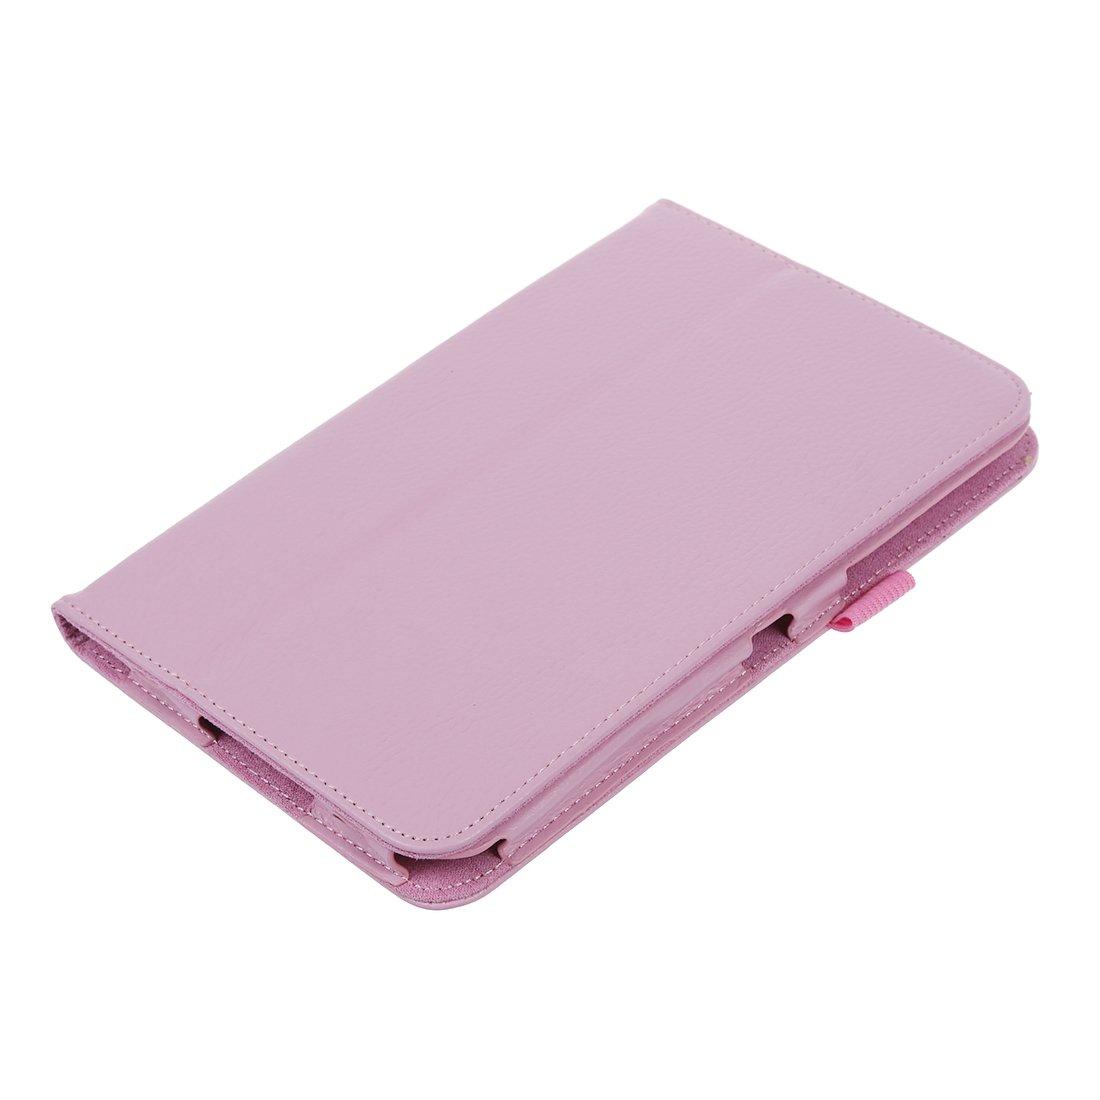 新規購入 Cikuso レザーカバー/7-インチ Samsung Galaxy Tab Cikuso 2 P3100 2/P3110に適用 Tab/ピンク B07N6JHG96, グーピルギャラリー:4160dd83 --- senas.4x4.lt